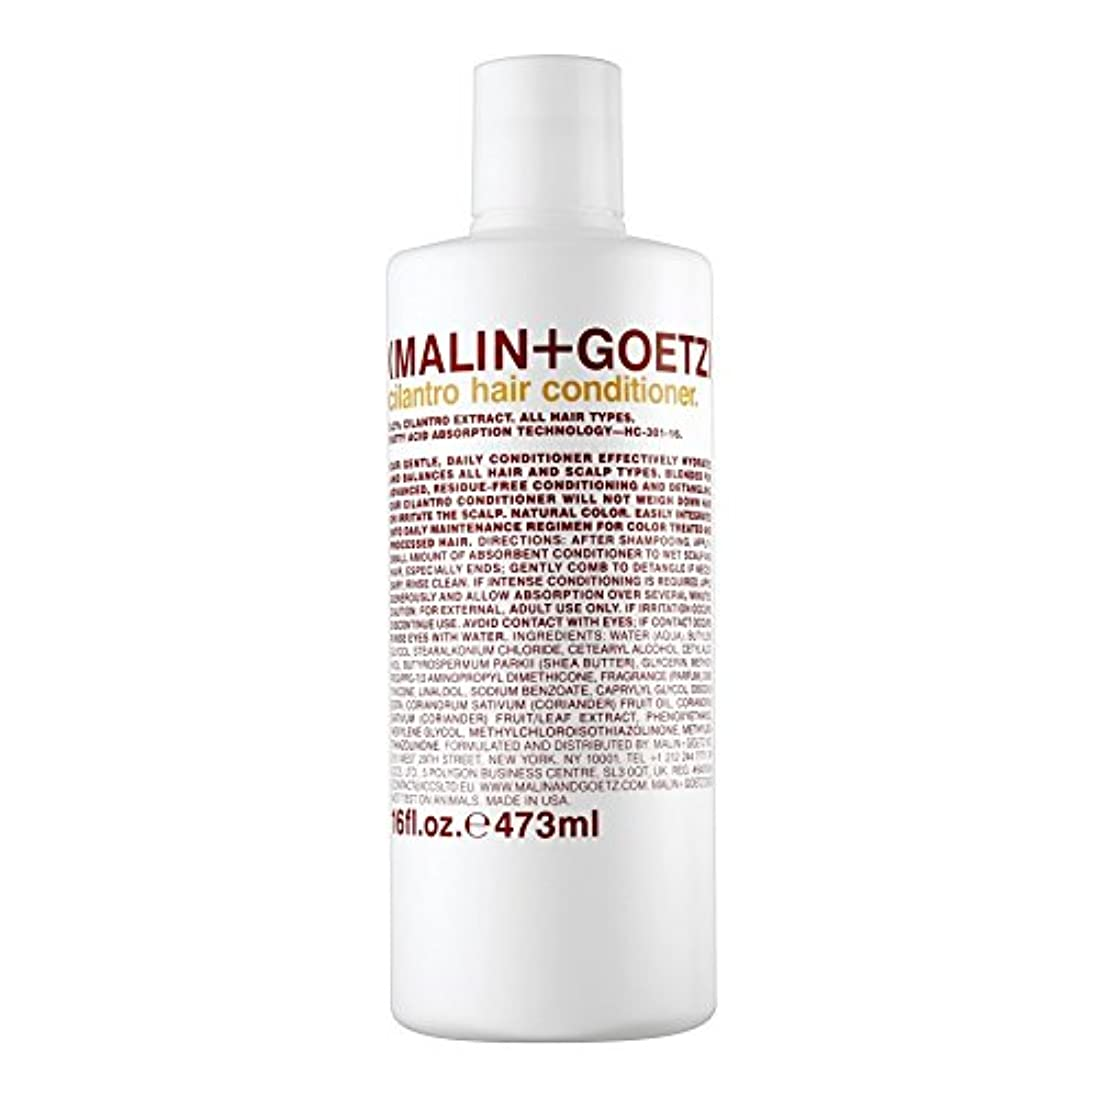 角度イル王族MALIN+GOETZ Cilantro Hair Conditioner 473ml - マリン+ゲッツコリアンダーのヘアコンディショナー473ミリリットル [並行輸入品]